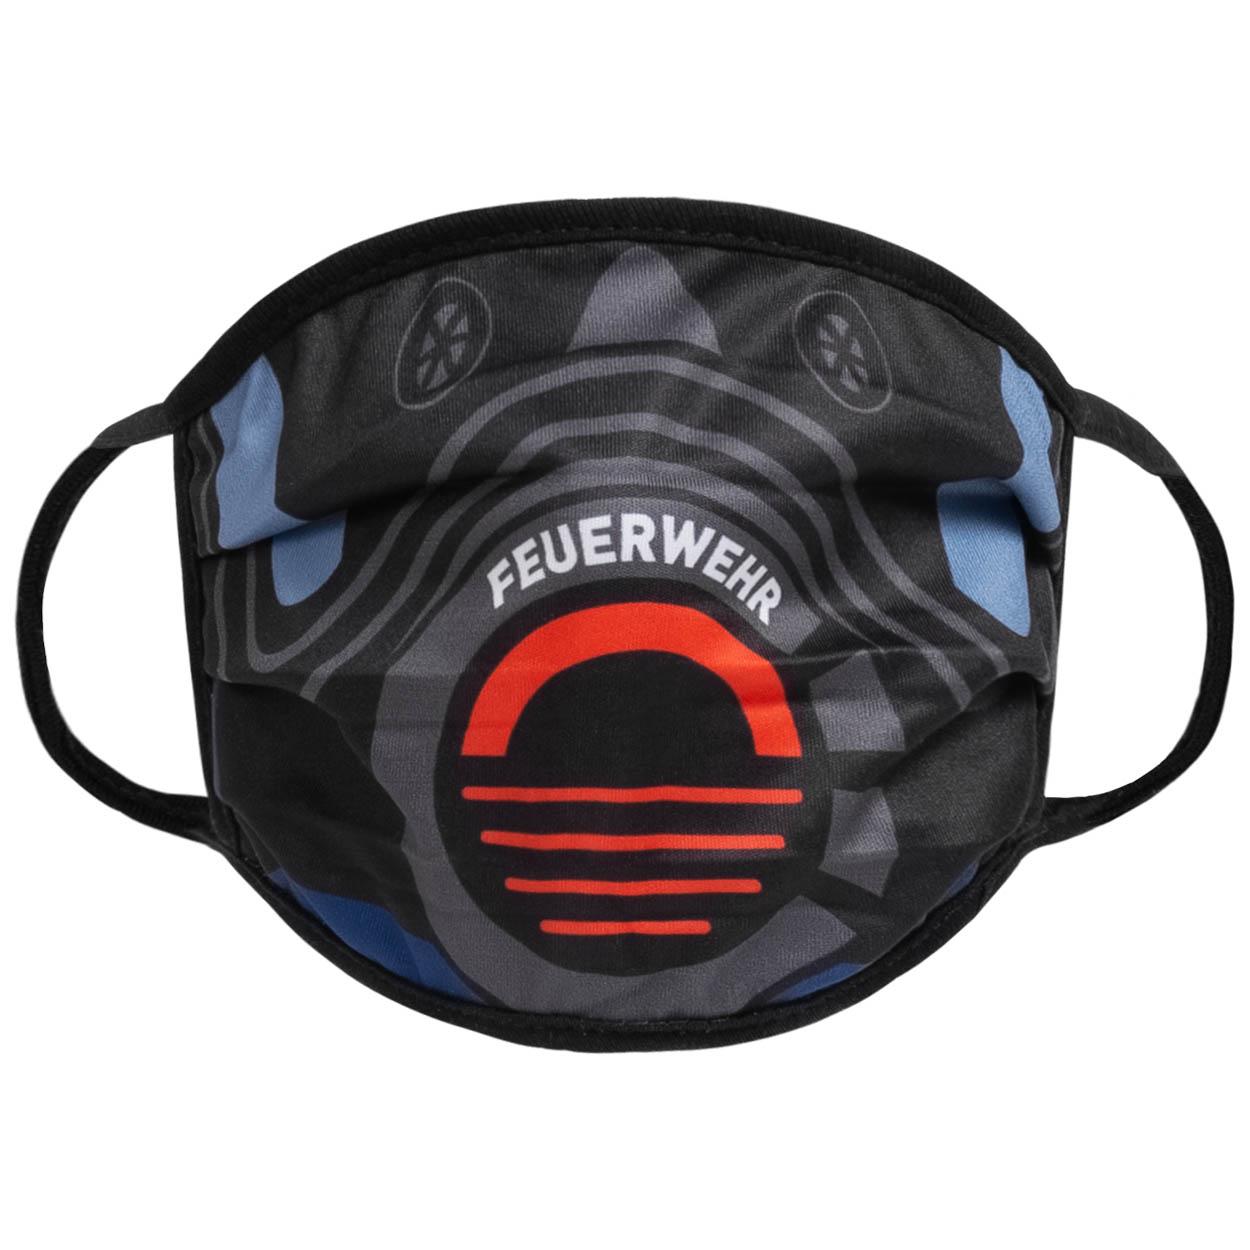 Kinder Alltagsmaske Feuerwehr Atemschutz